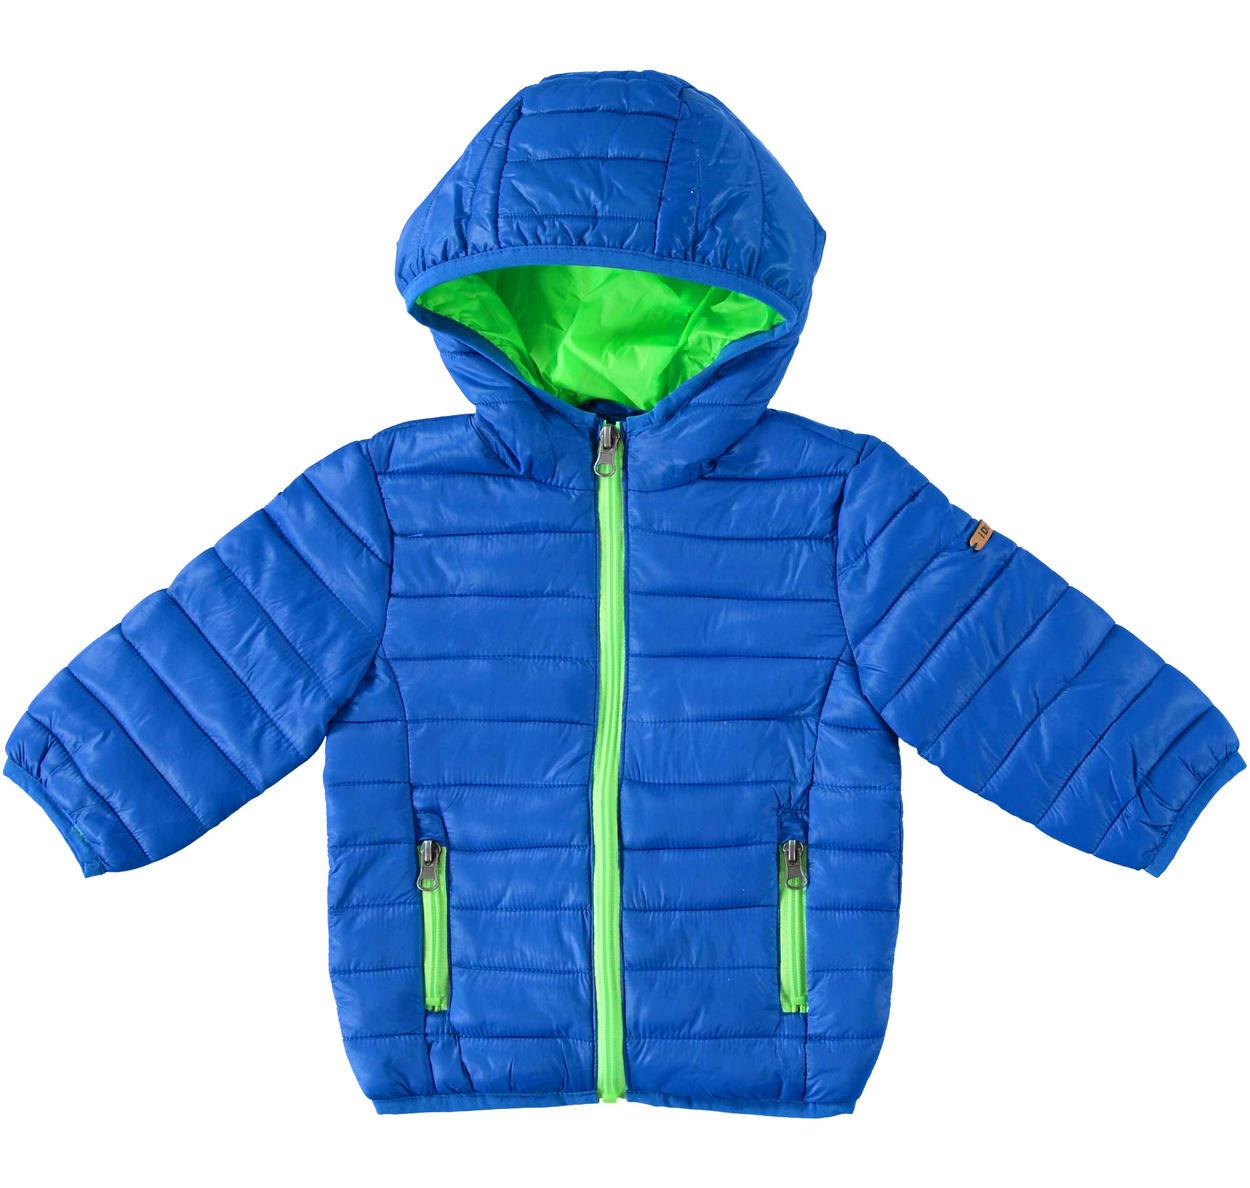 super popular bcfd4 b7e22 Pratico piumino 100 grammi in nylon finitura cerata per bambino da 6 a 36  mesi iDO